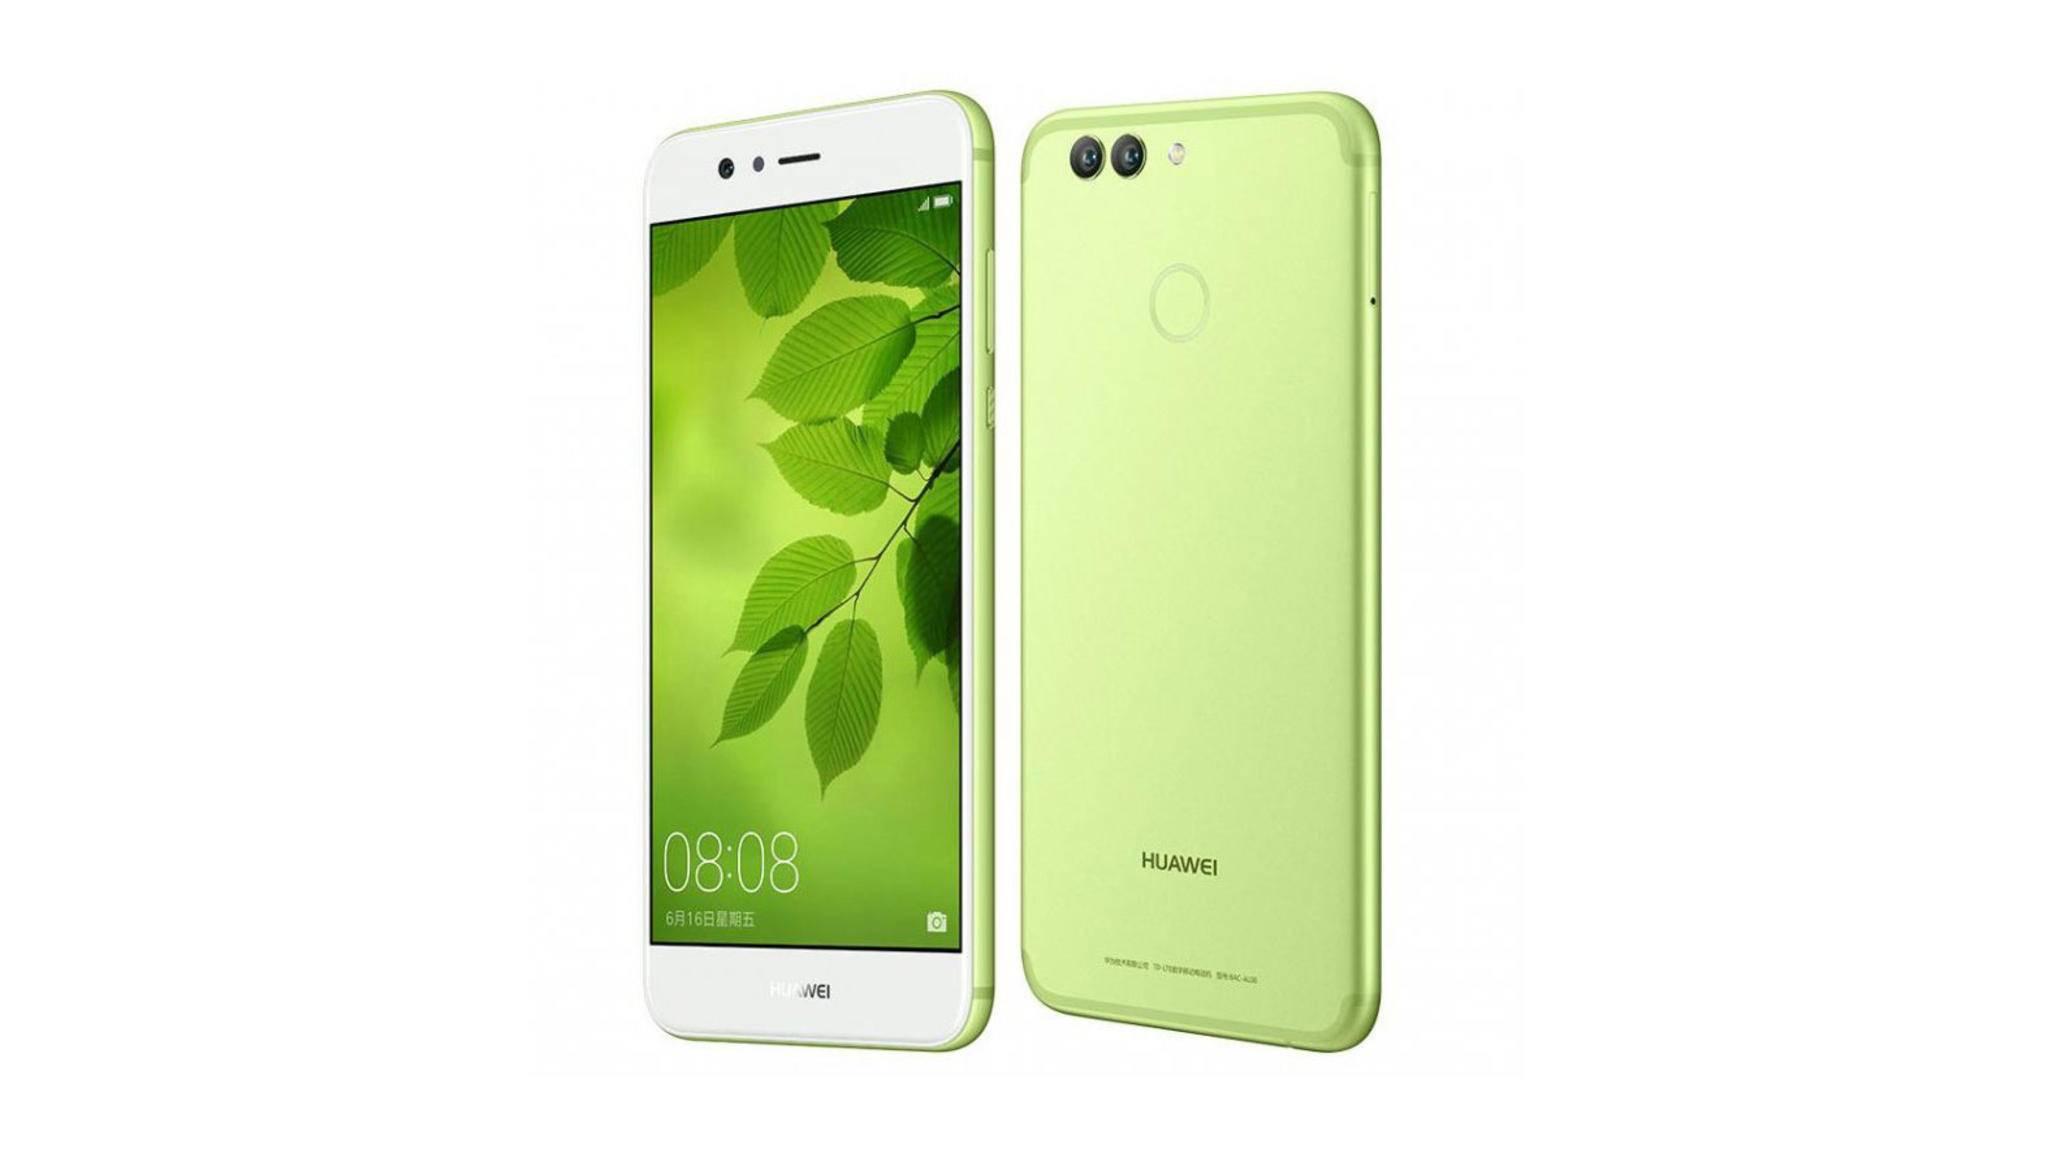 Das Huawei Nova 2 mit Dual-Kamera und Fingerabdrucksensor wurde offiziell vorgestellt.